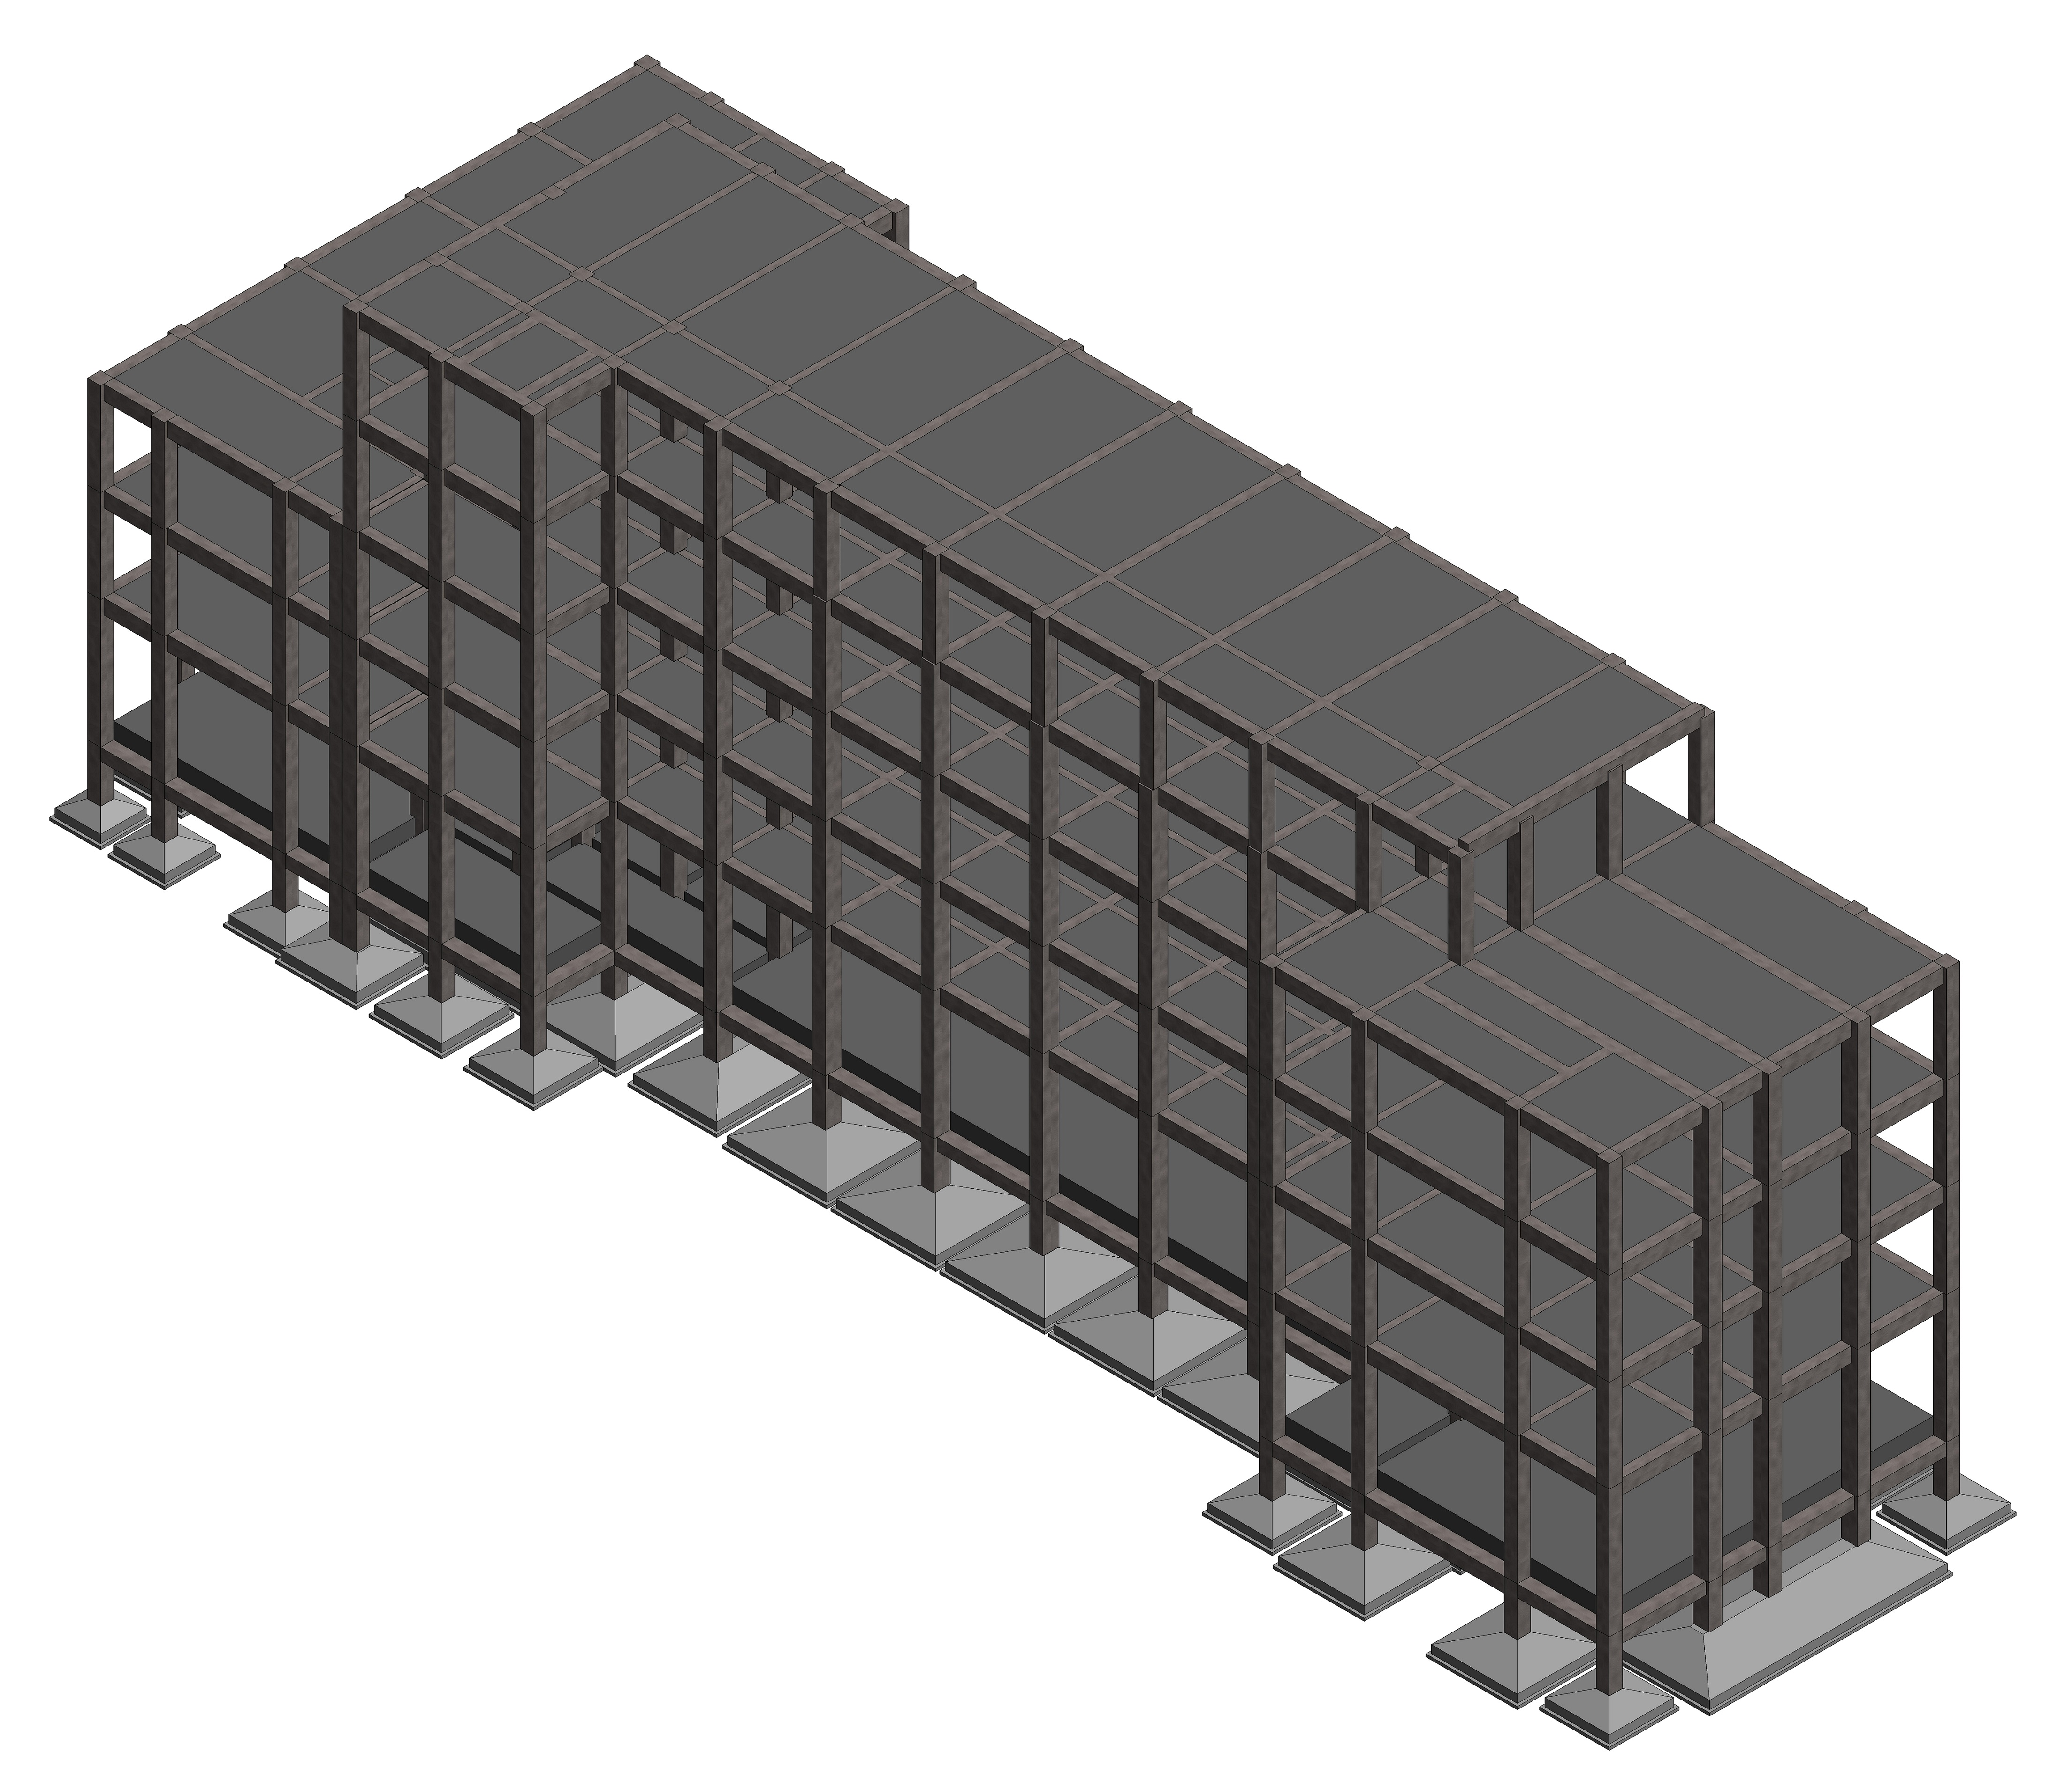 莲花湖社区办公室 结构模型1.jpg